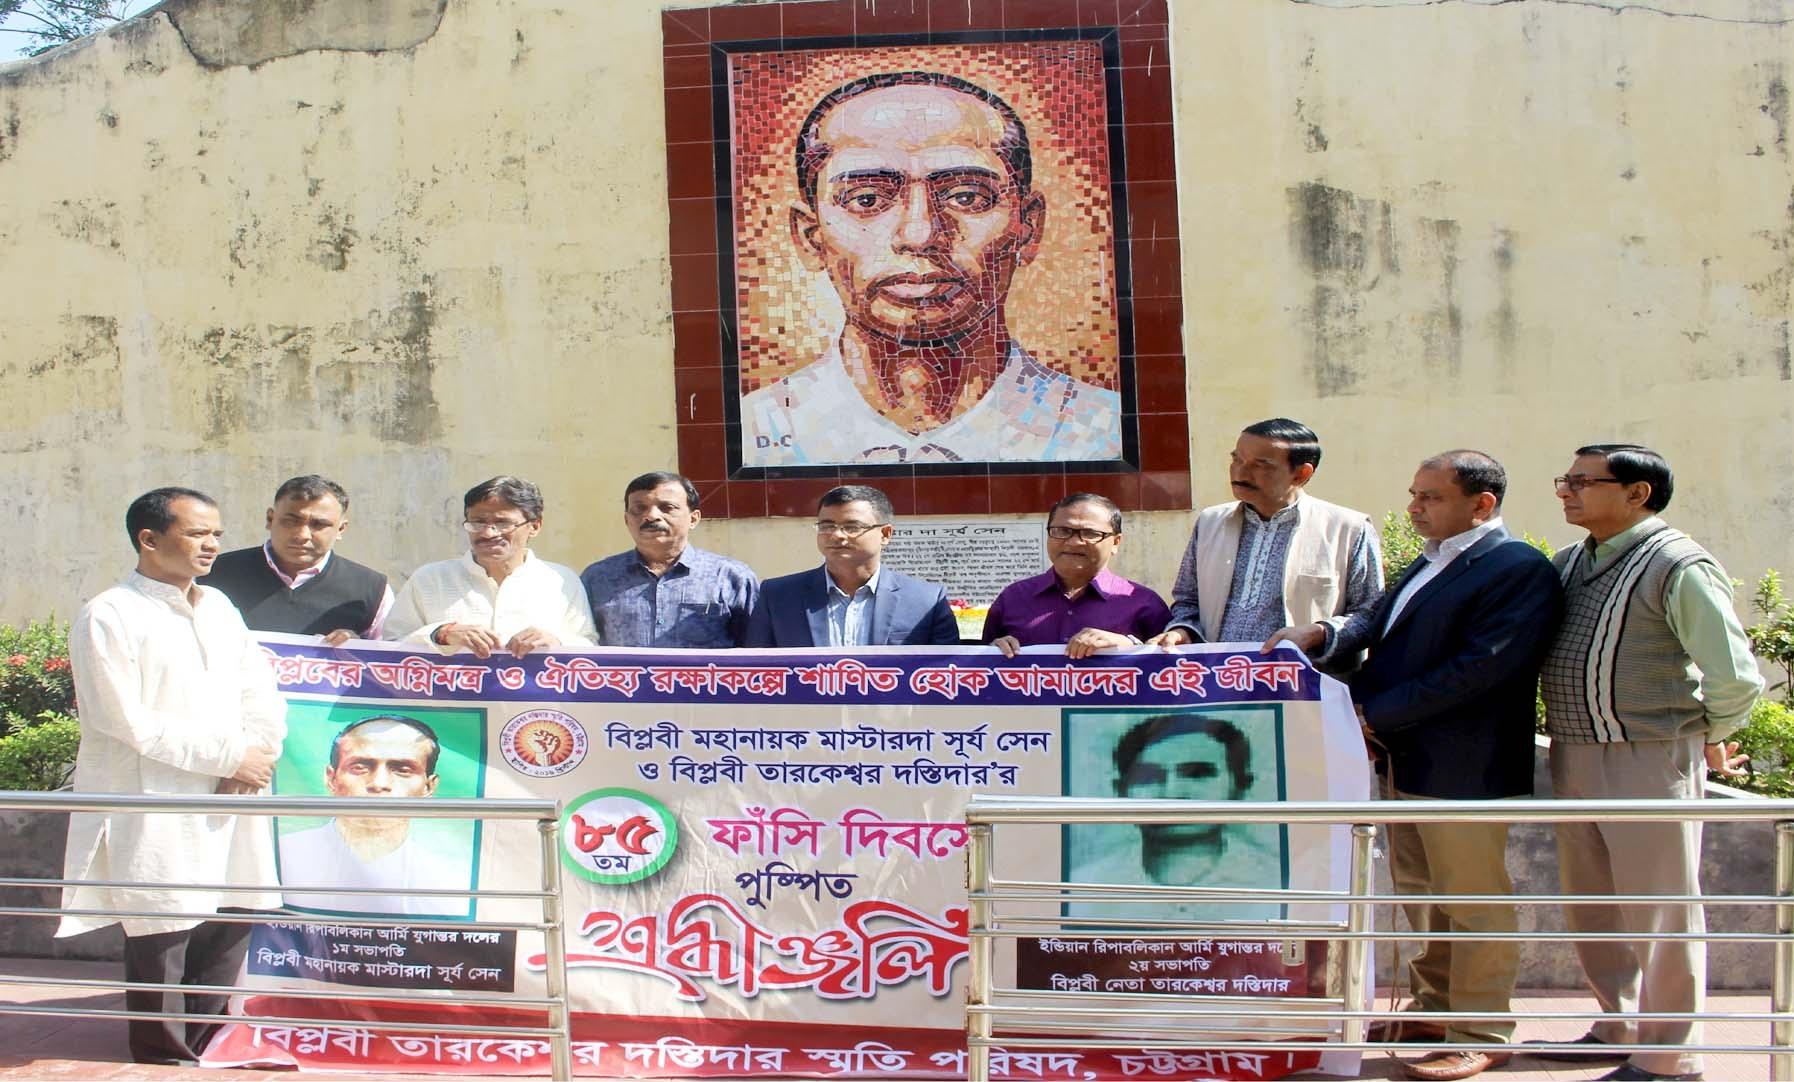 চট্টগ্রাম কারাগারেবিপ্লবী সূর্য সেন ও তারকেশ্বর স্মৃতিতে শ্রদ্ধা